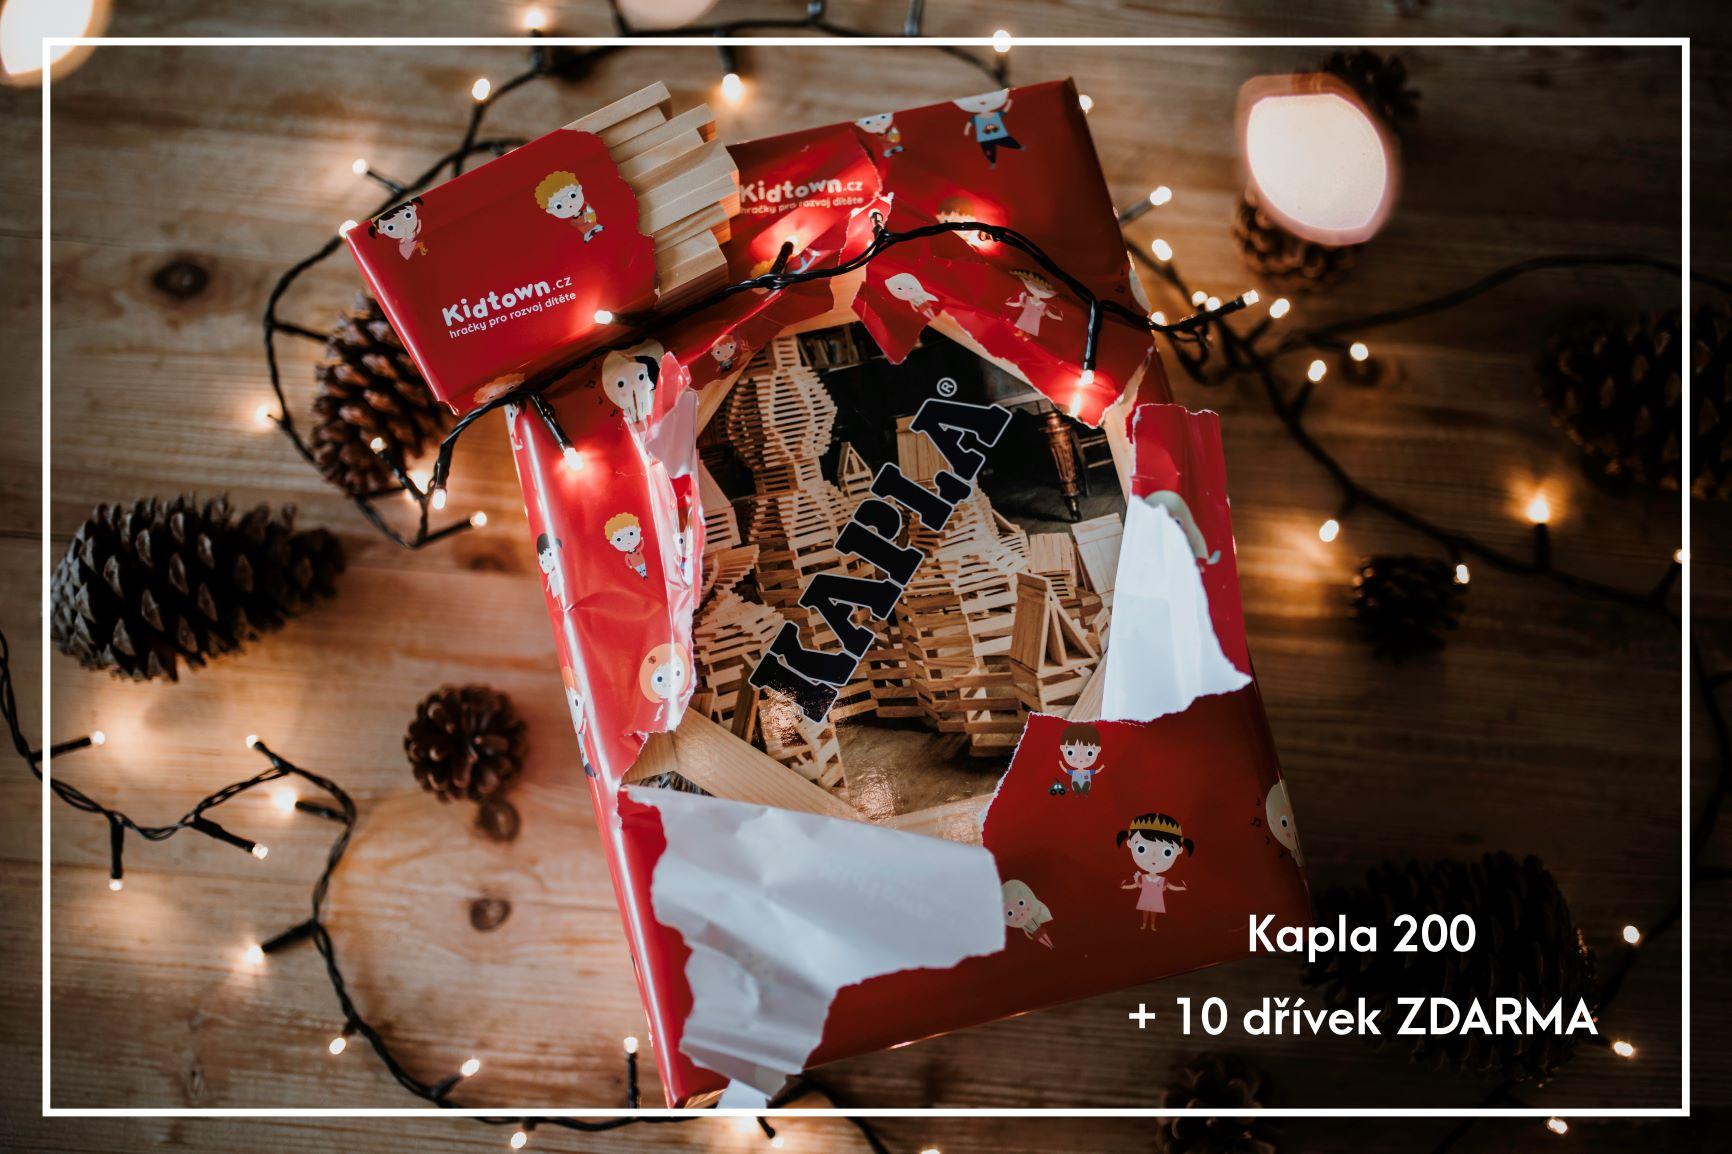 kapla200-10drivek-zdarma